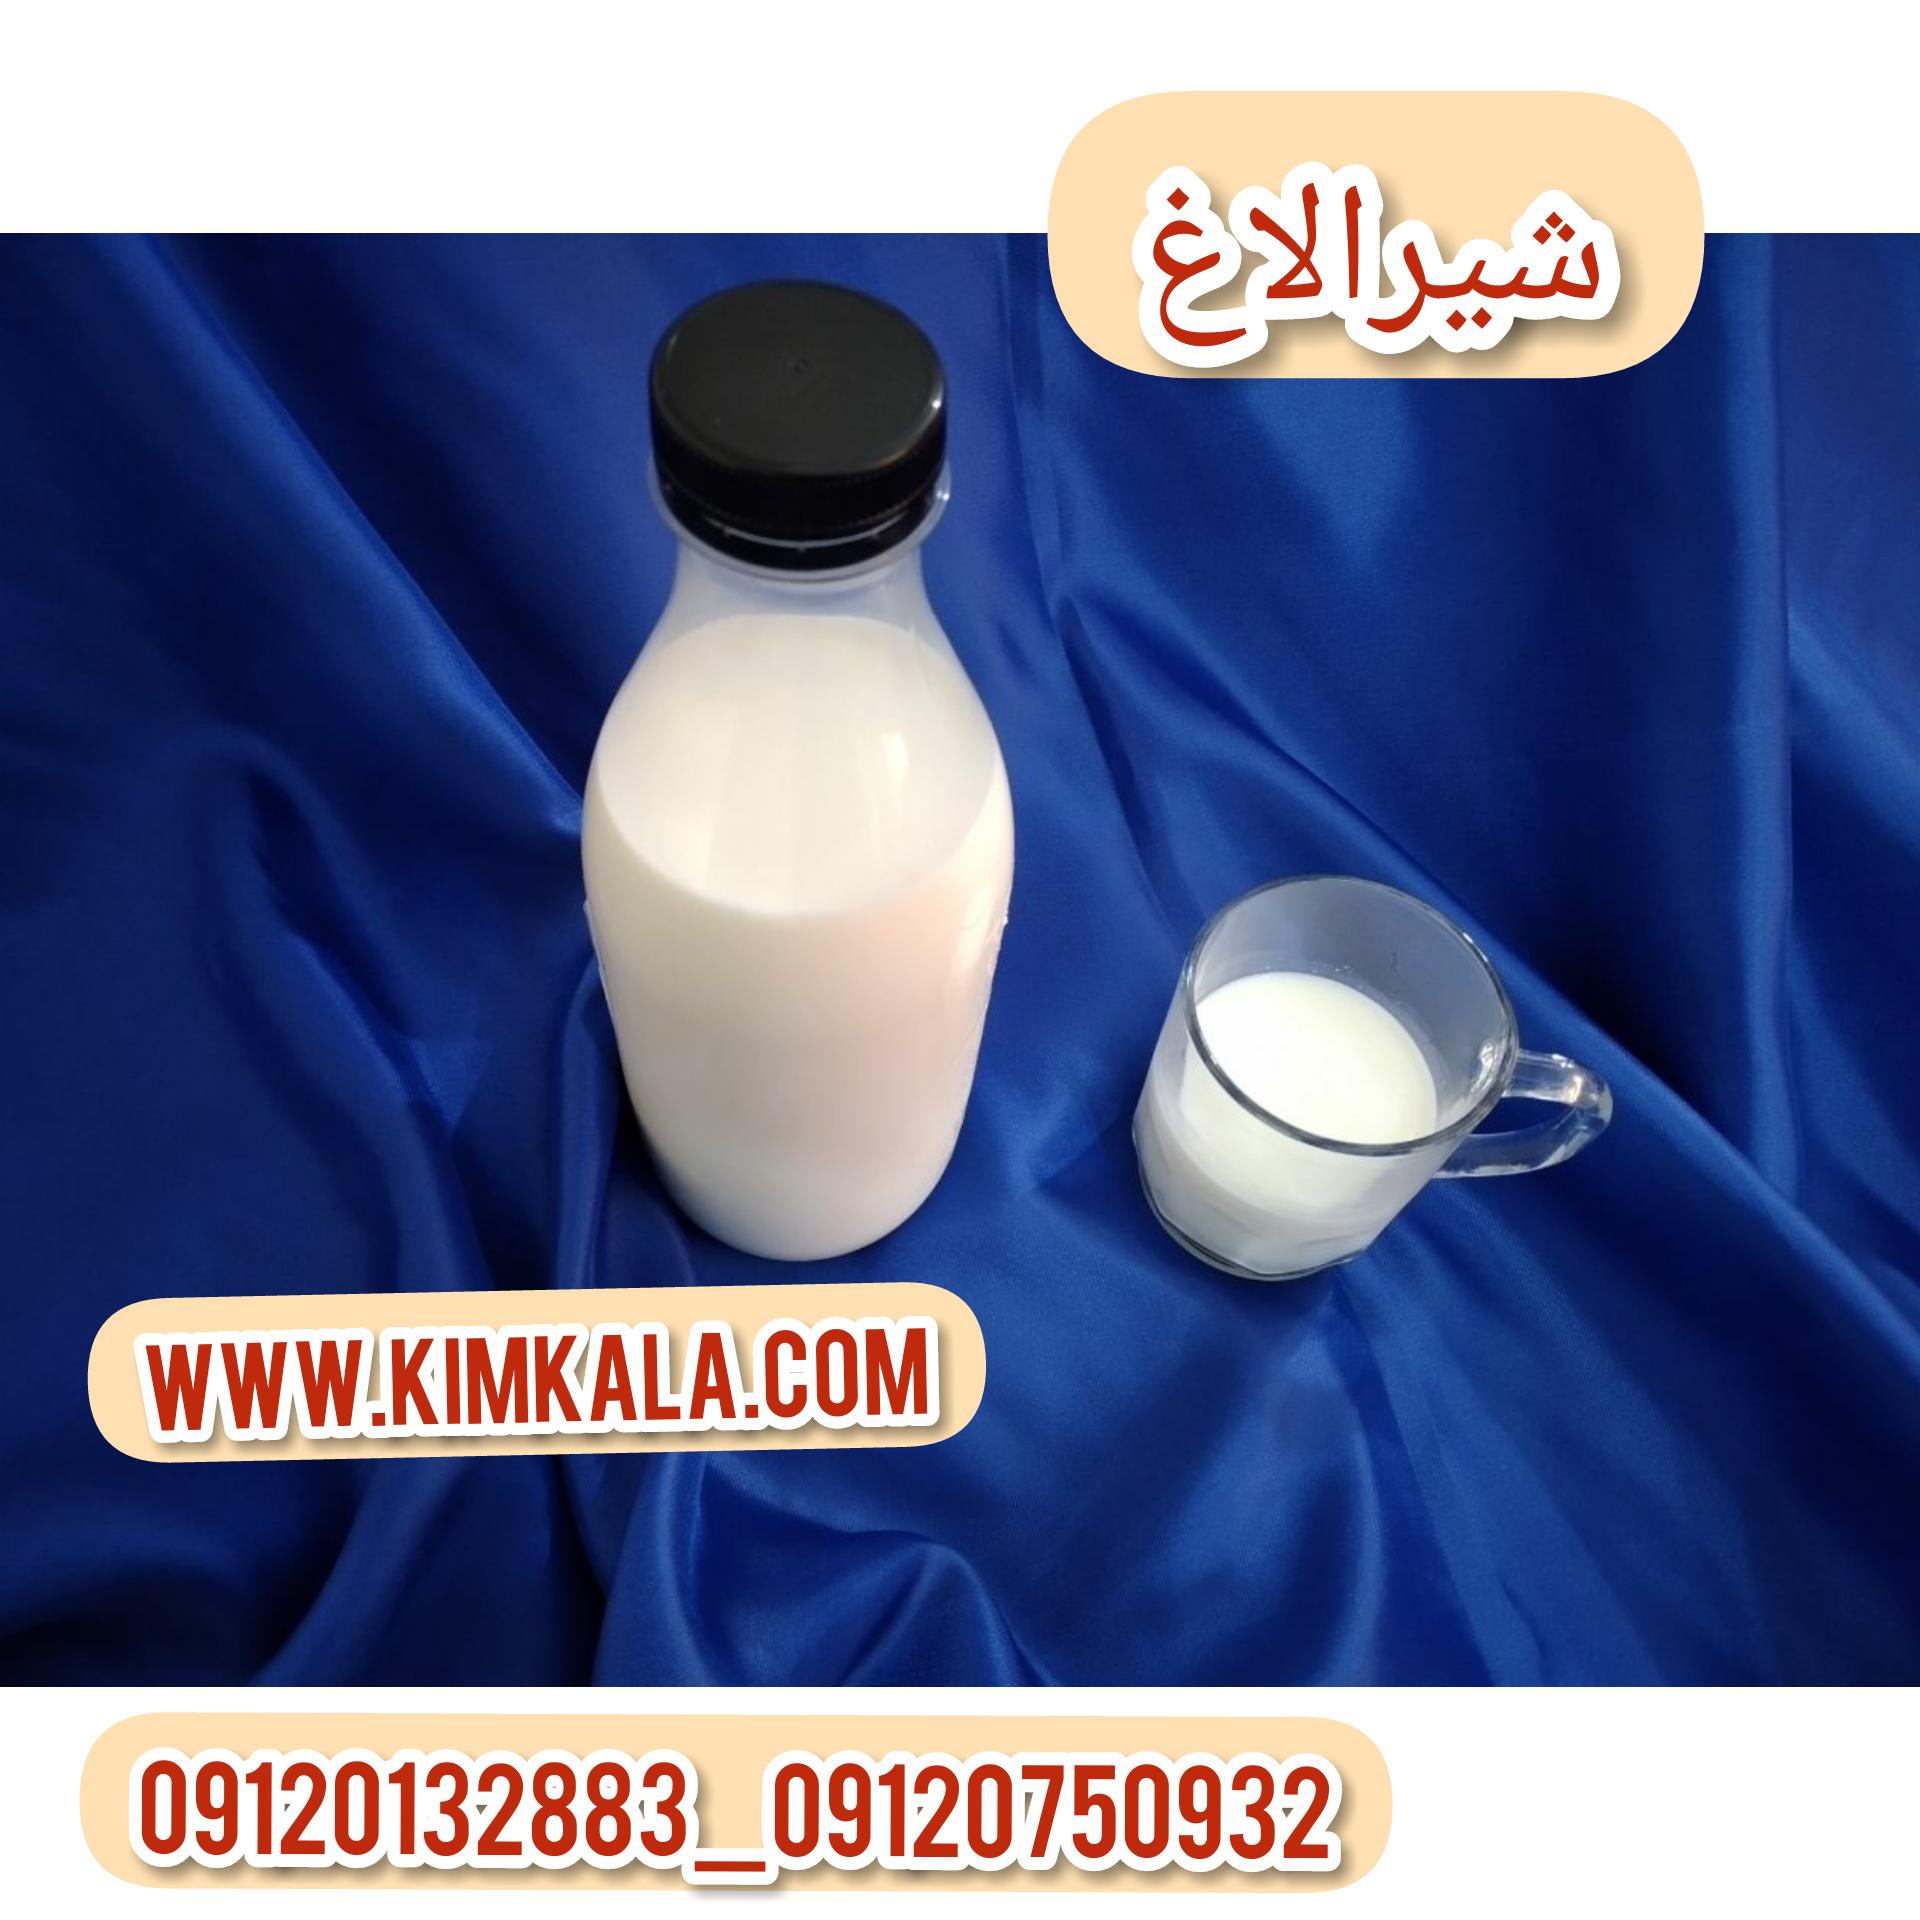 قیمت شیرالاغ اصل۰۹۱۲۰۱۳۲۸۸۳/خواص شیرالاغ تازه